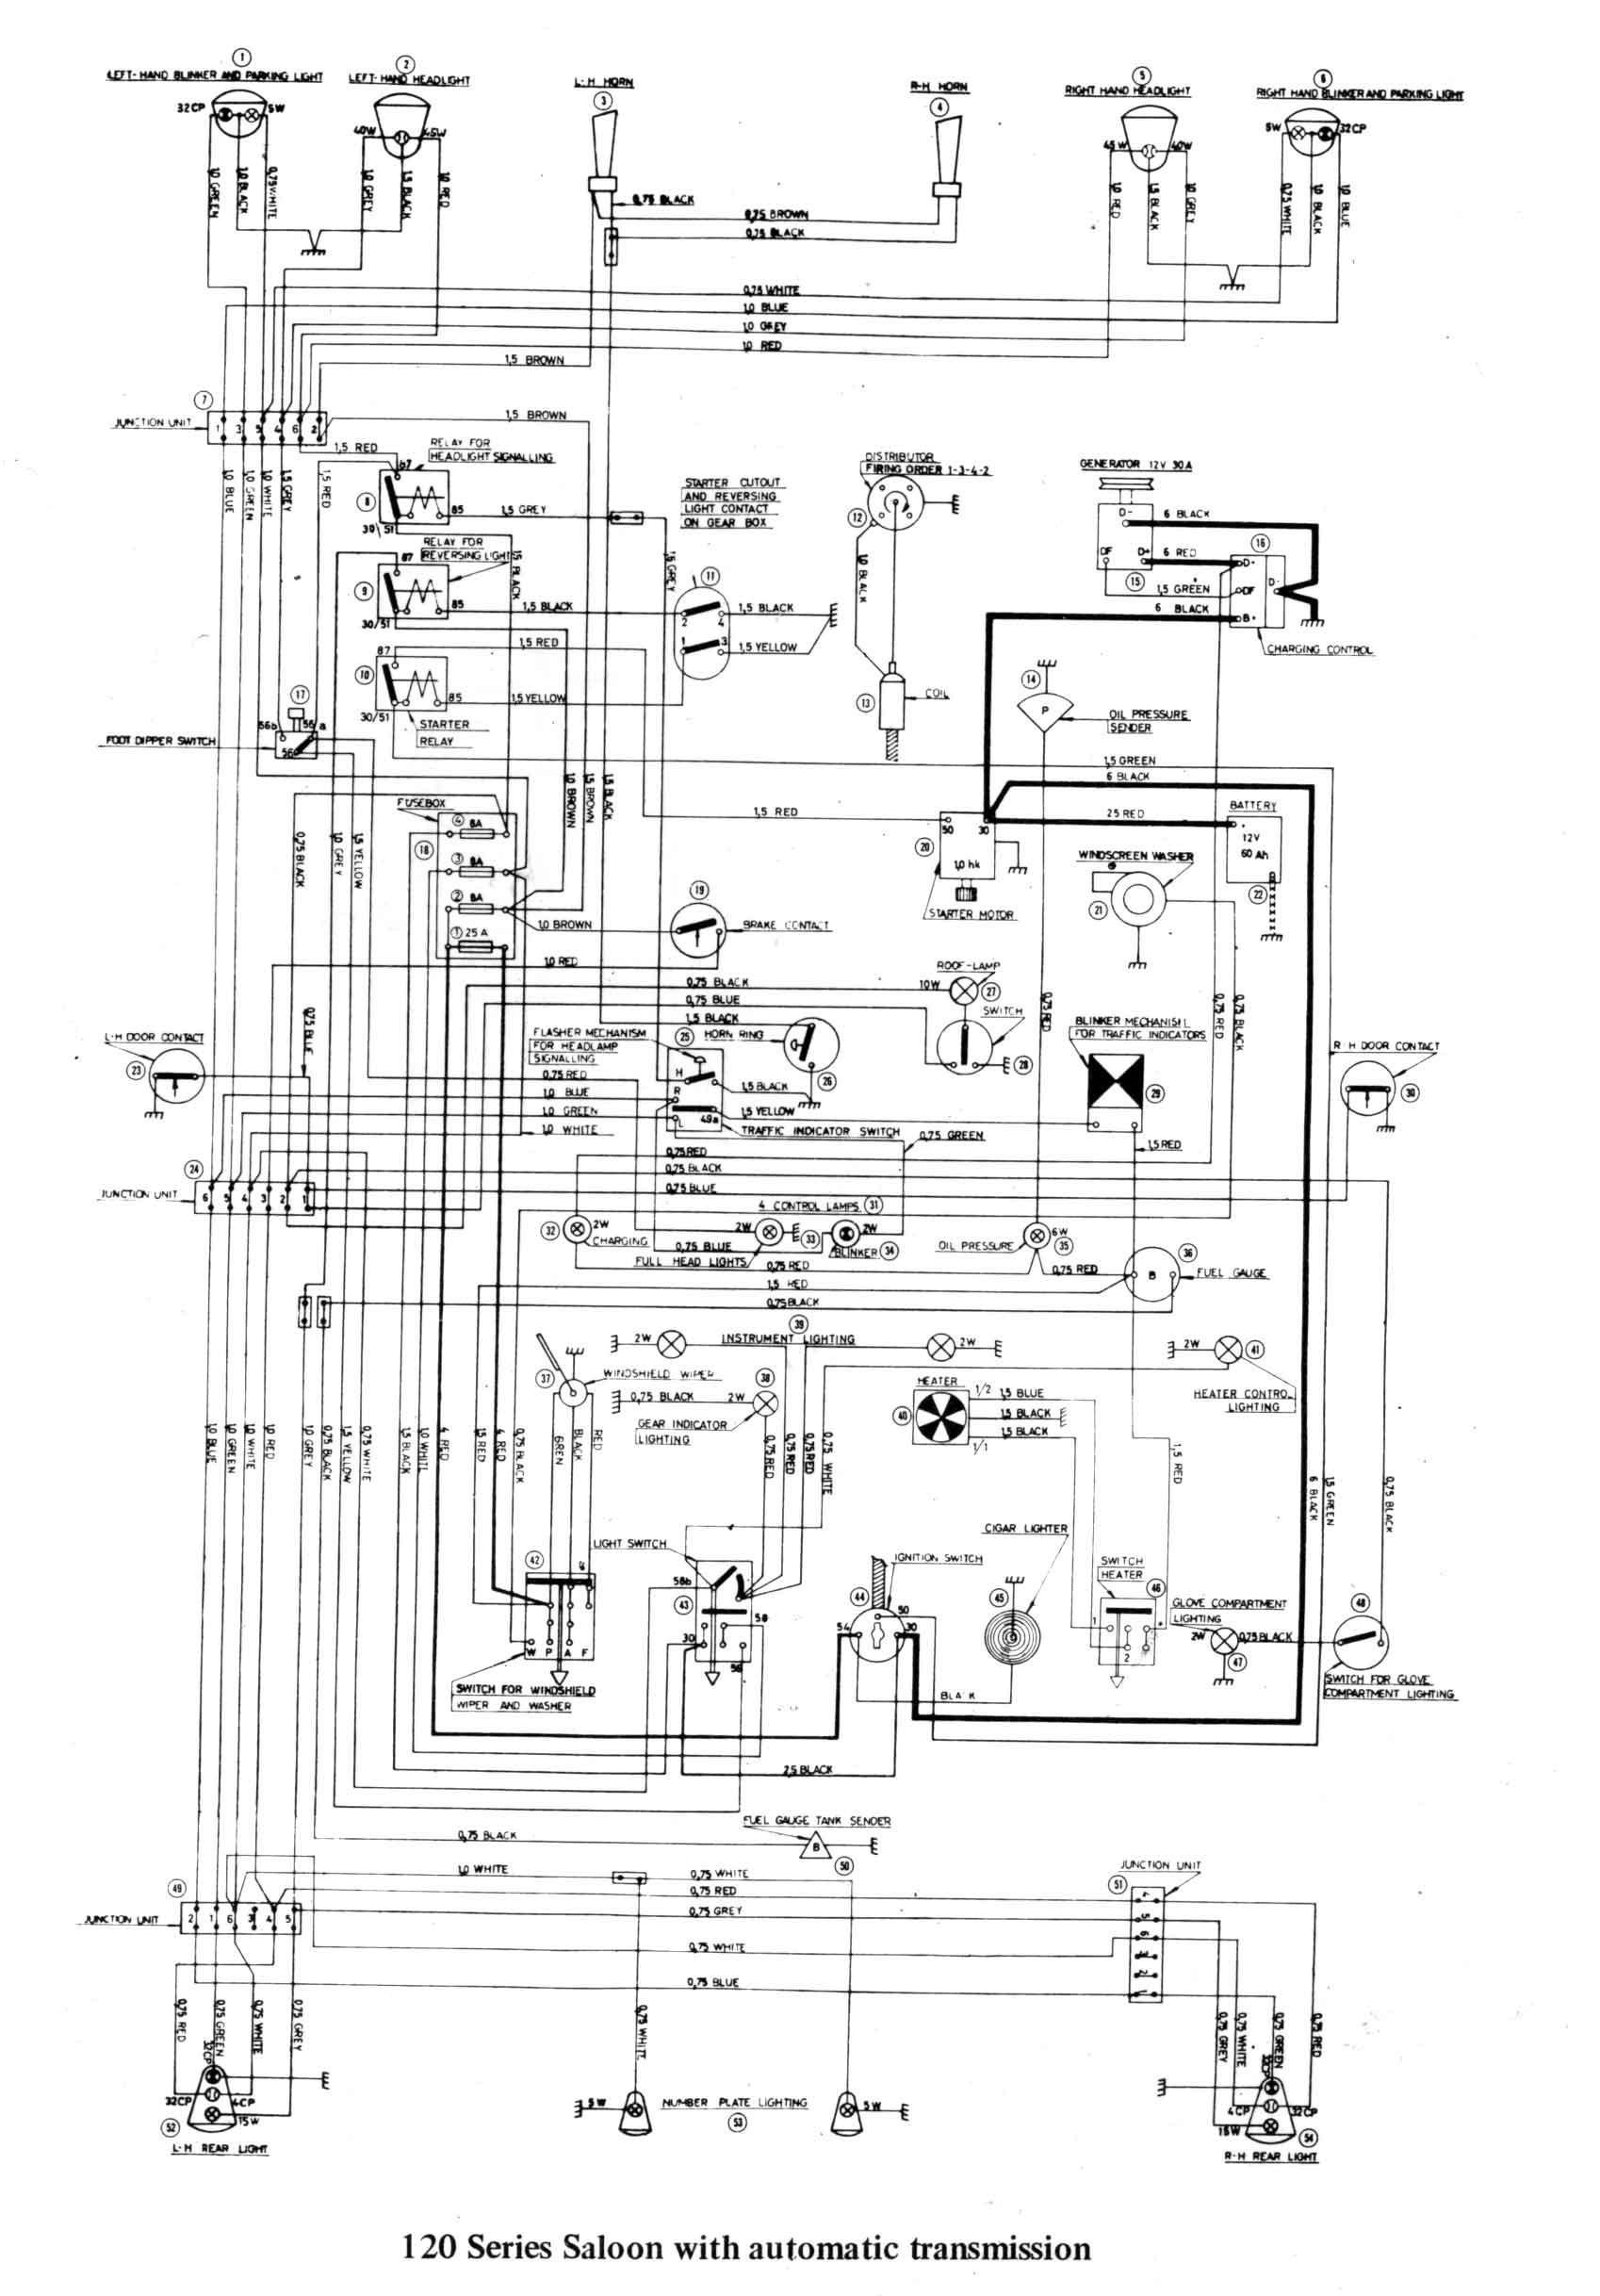 Wiring Diagram for Club Car Precedent New Ezgo Wiring Diagram Unique Starter Wiring Diagram Elegant Sw